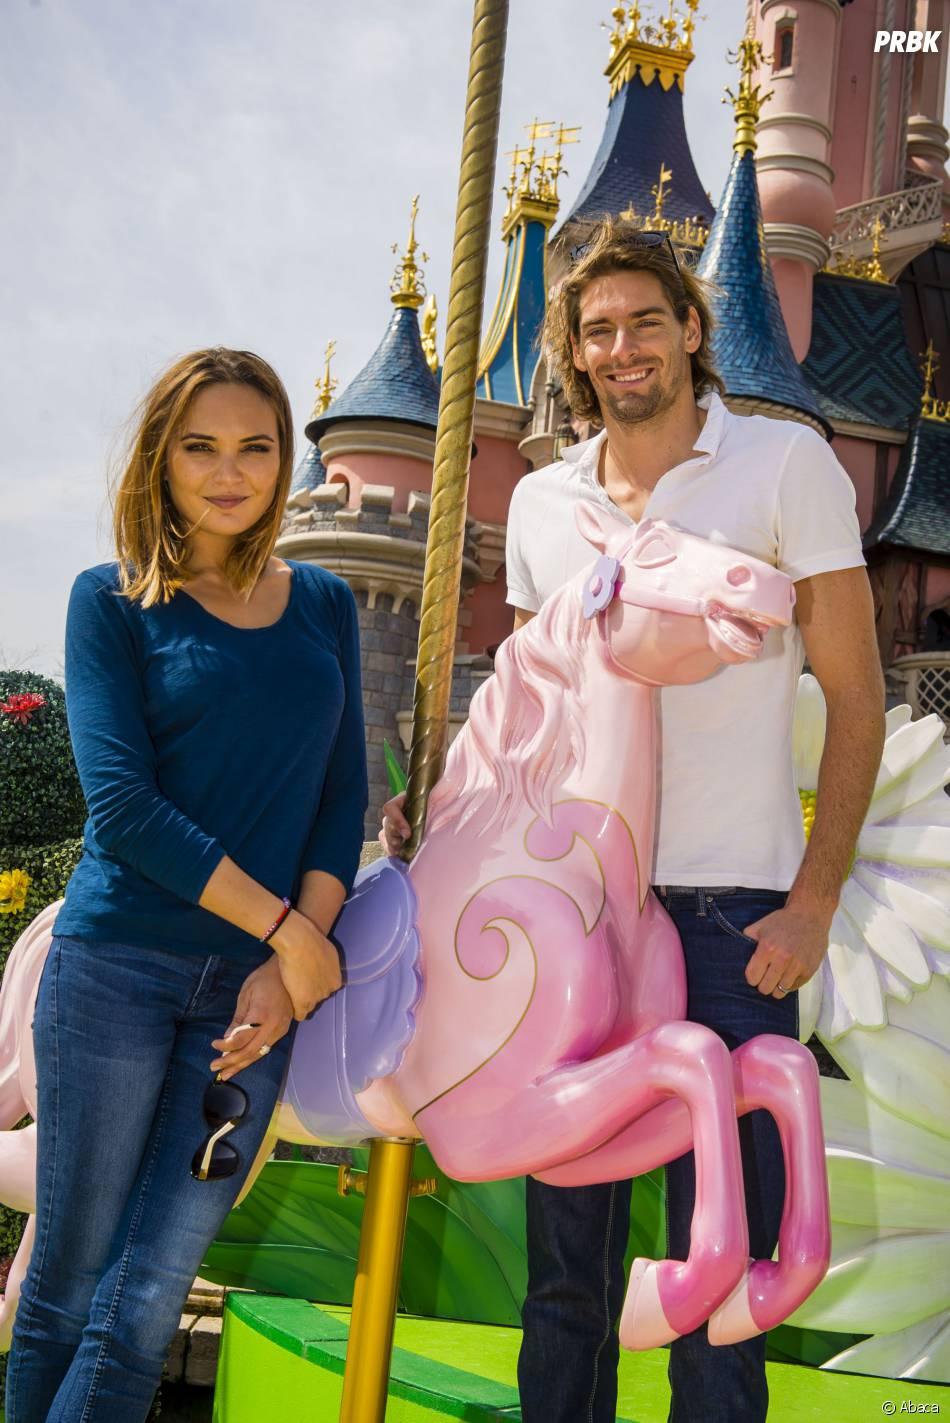 Camille Lacourt et Valérie Bègue amoureux à Disneyland Paris, le 12 avril 2015